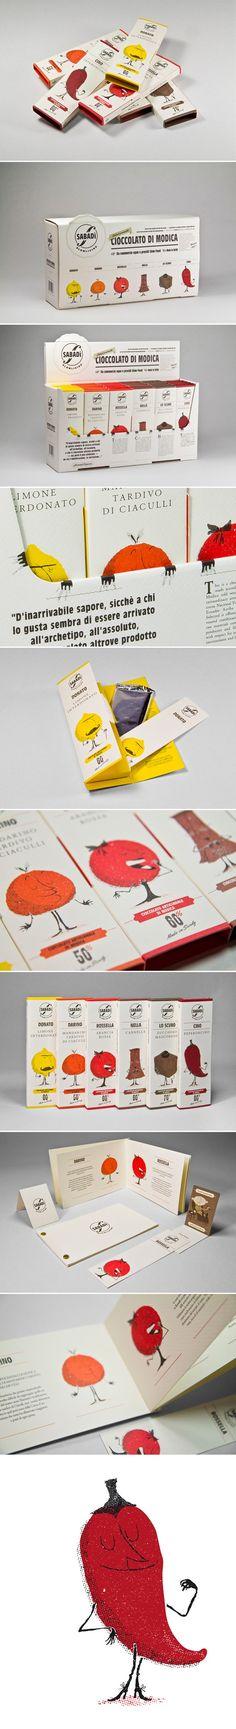 Dans le monde innovant des packagings ces derniers for Idee produit innovant